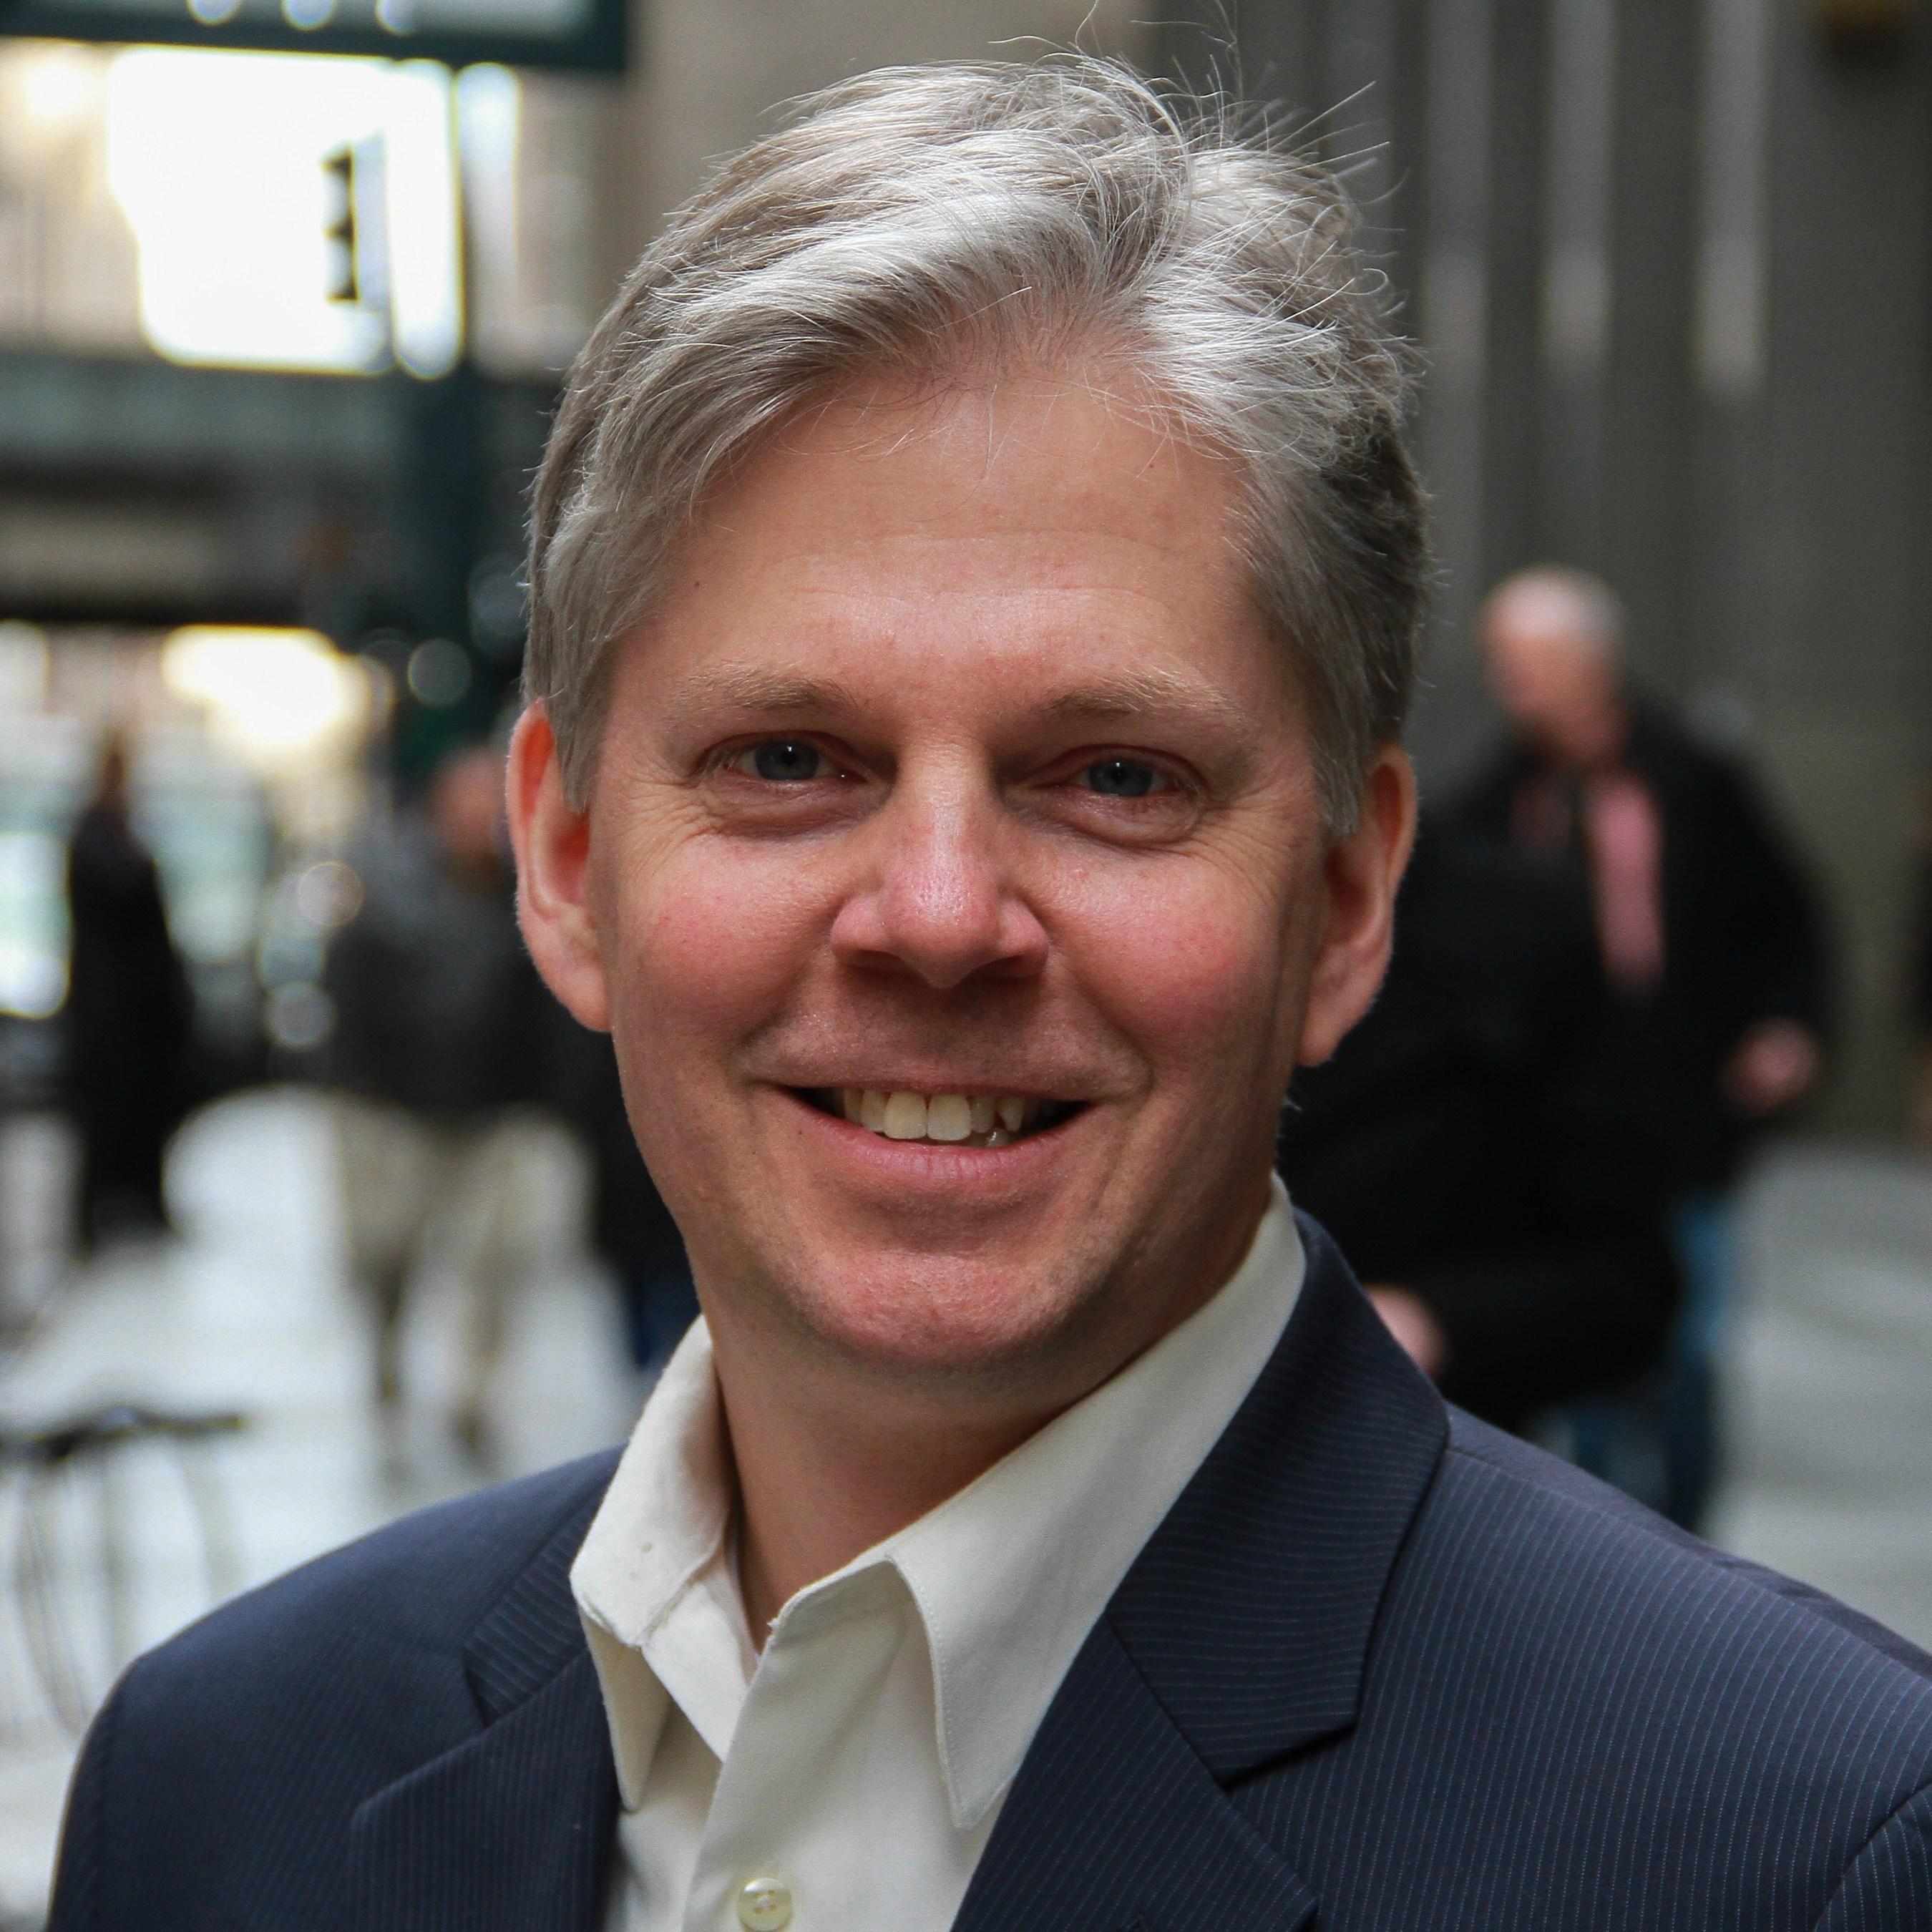 Jim Anderson - SocialFlow CEO